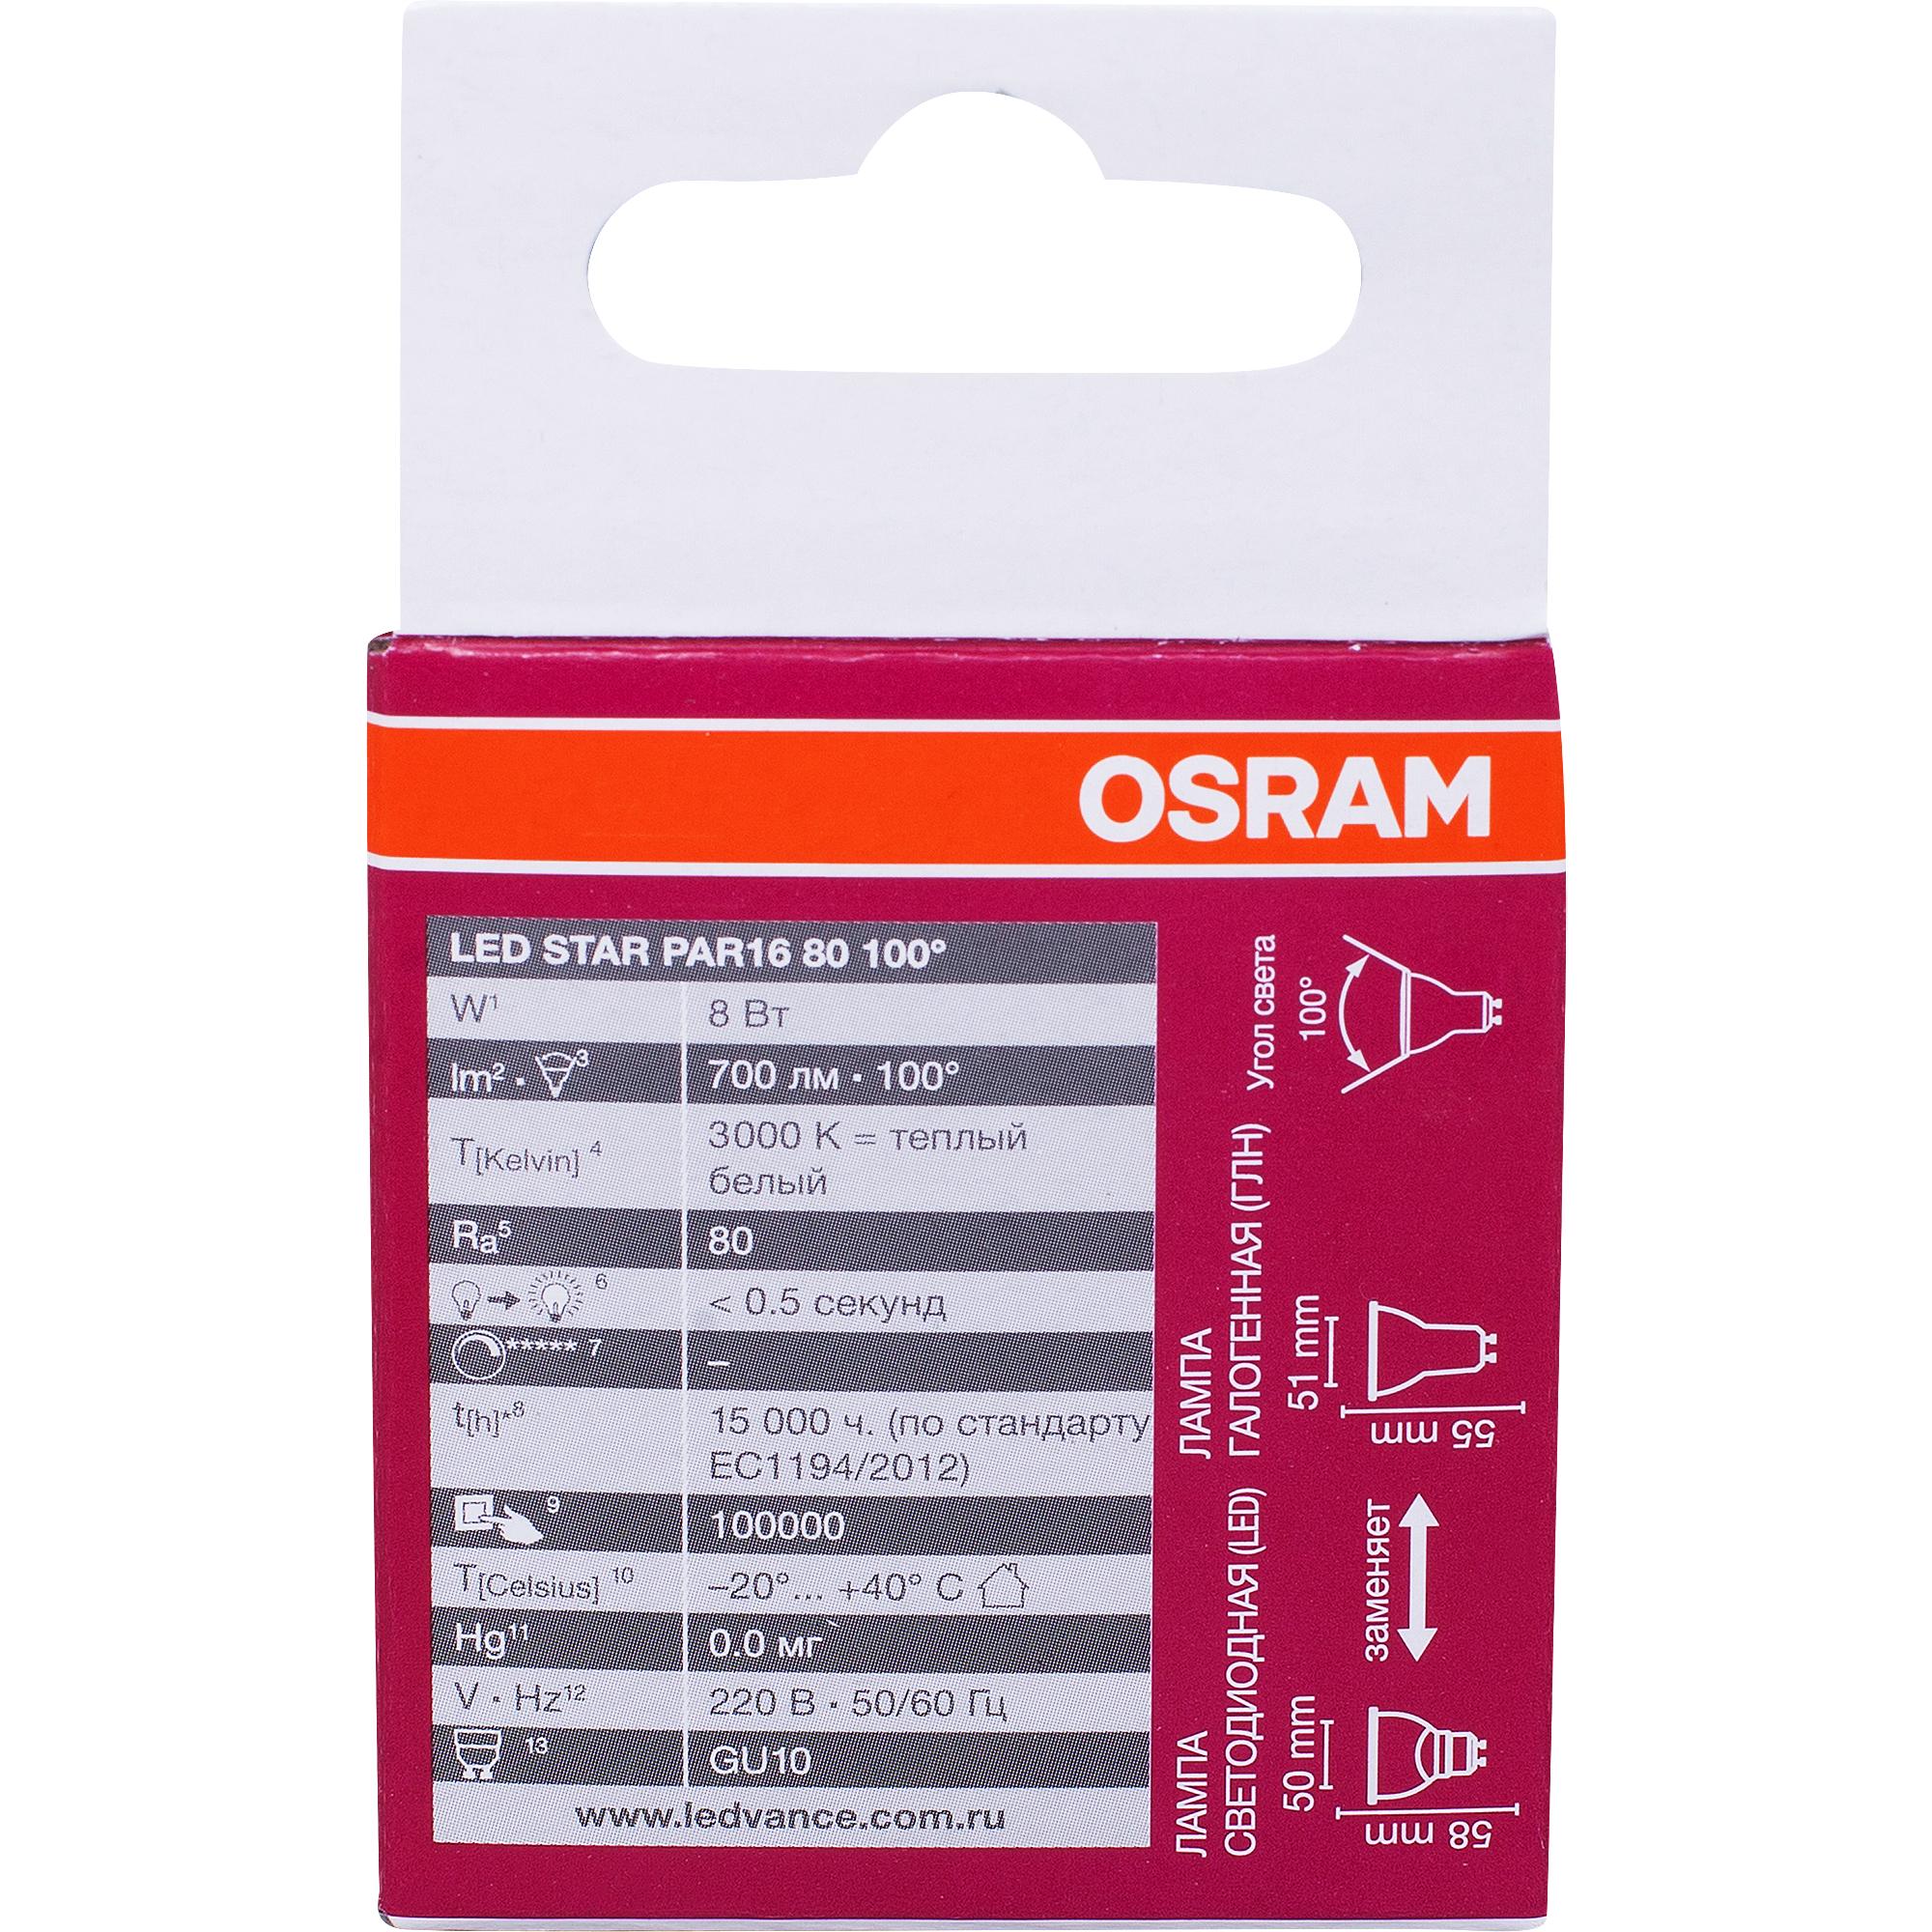 Лампа светодиодная GU10 230 В 8 Вт спот 700 лм тёплый свет